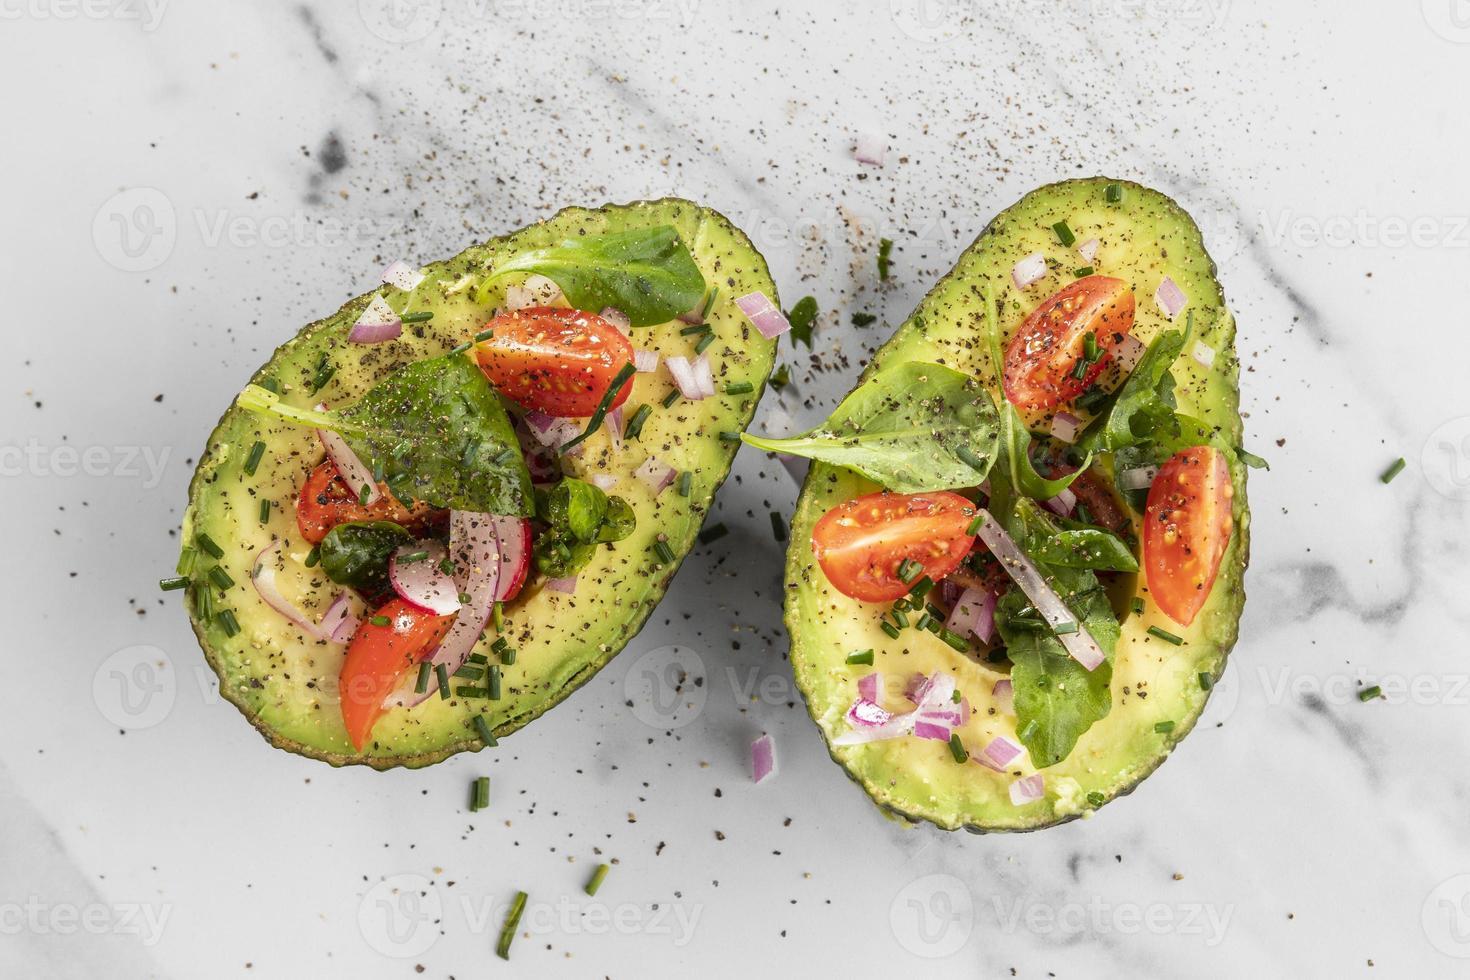 piatto laici deliziosa insalata sana composizione di avocado foto